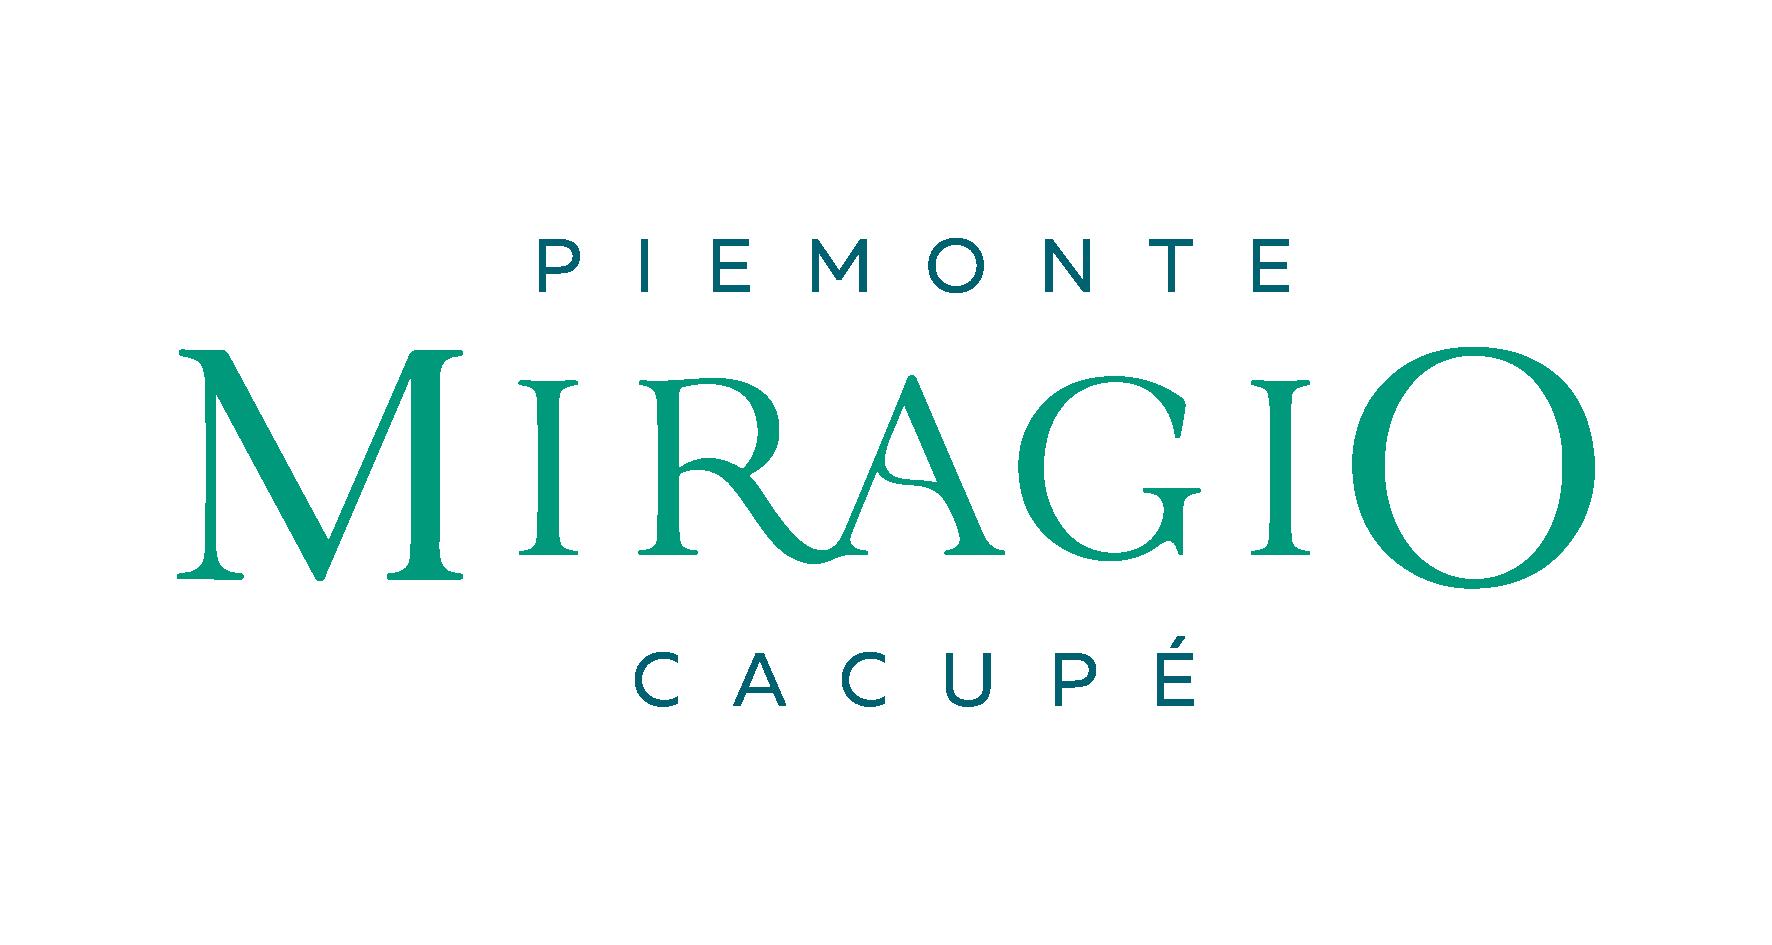 Miragio Cacupé